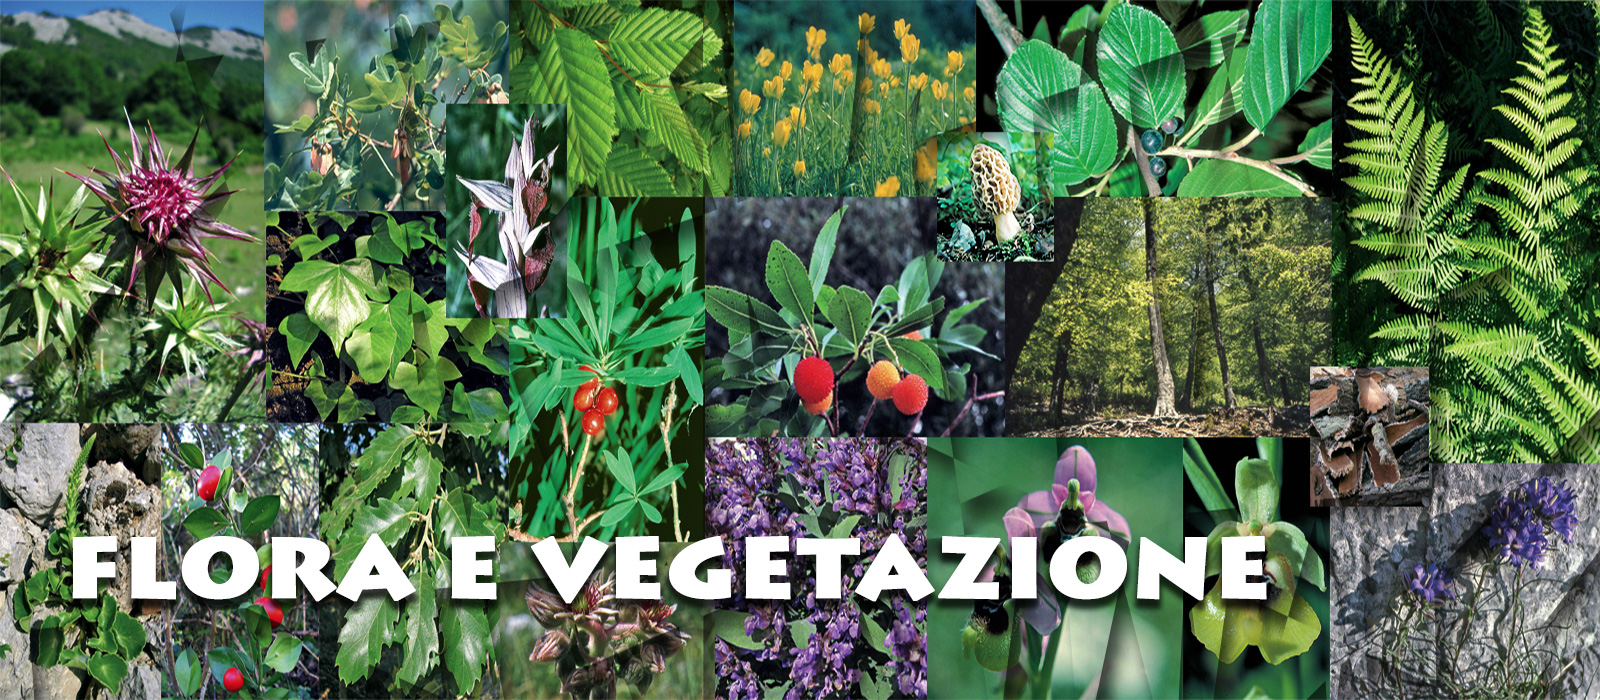 flora-e-vegetazione-nuova